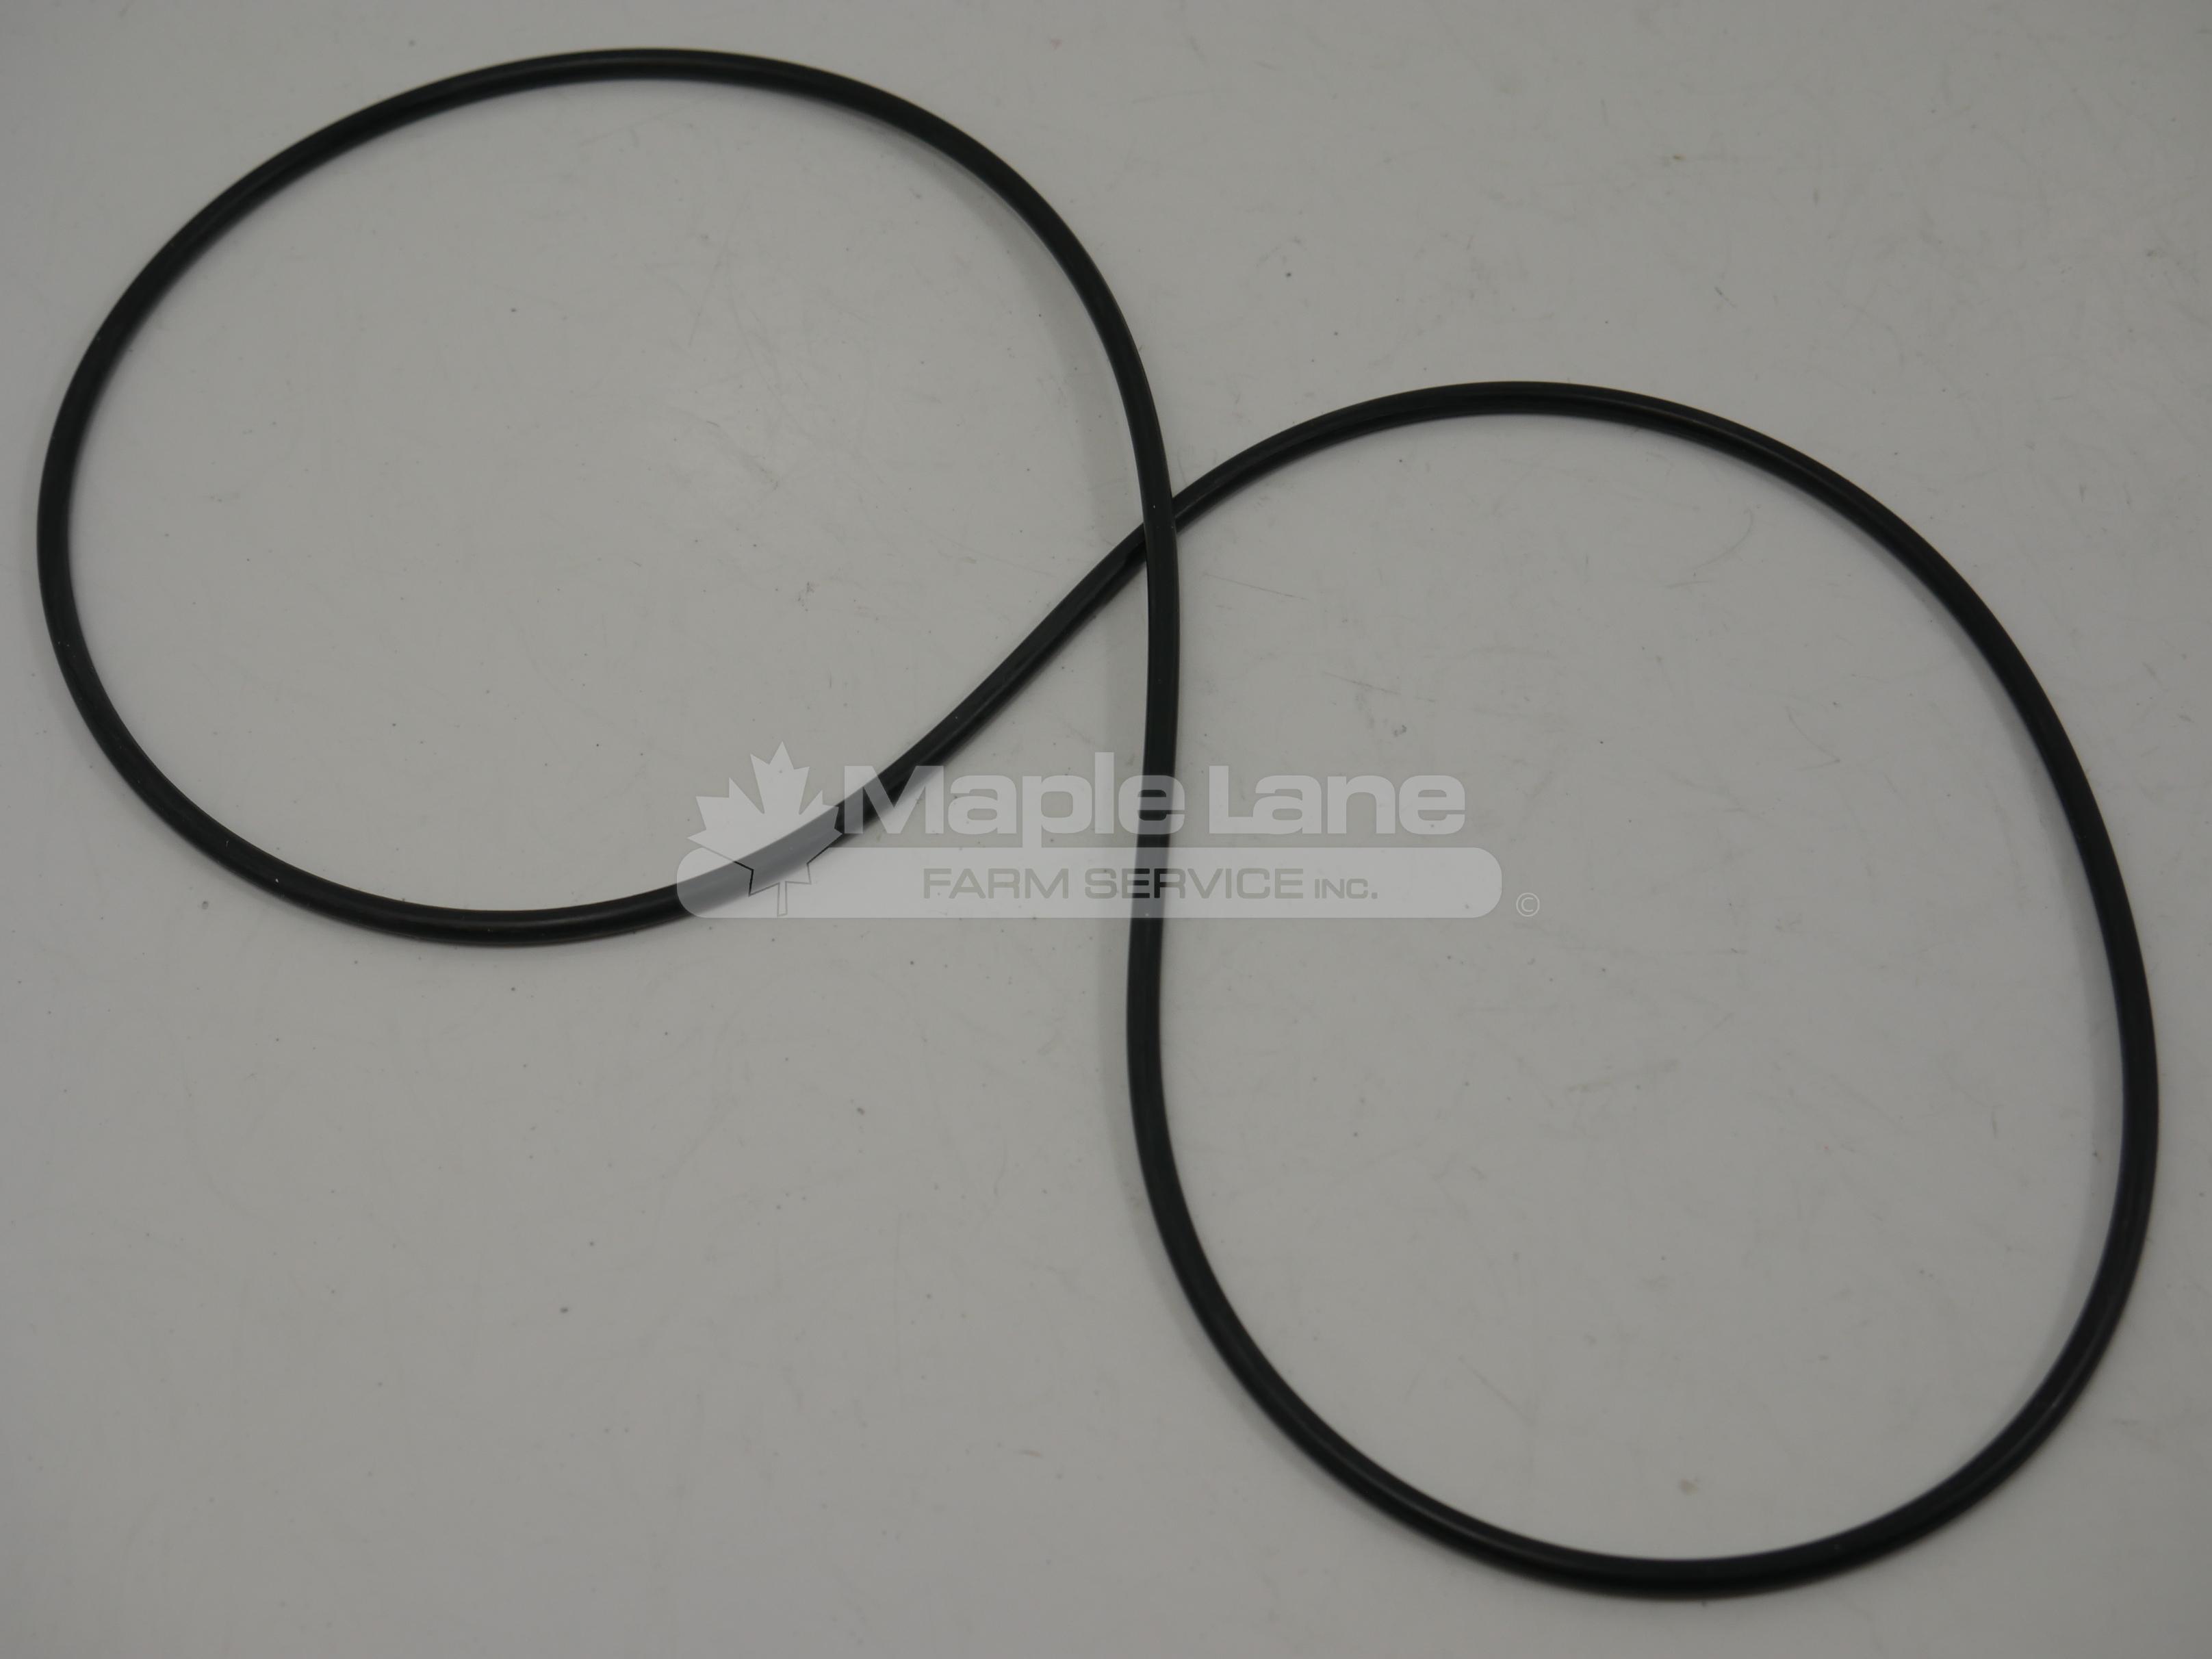 378289X1 O-Ring M247.24 x 3.53